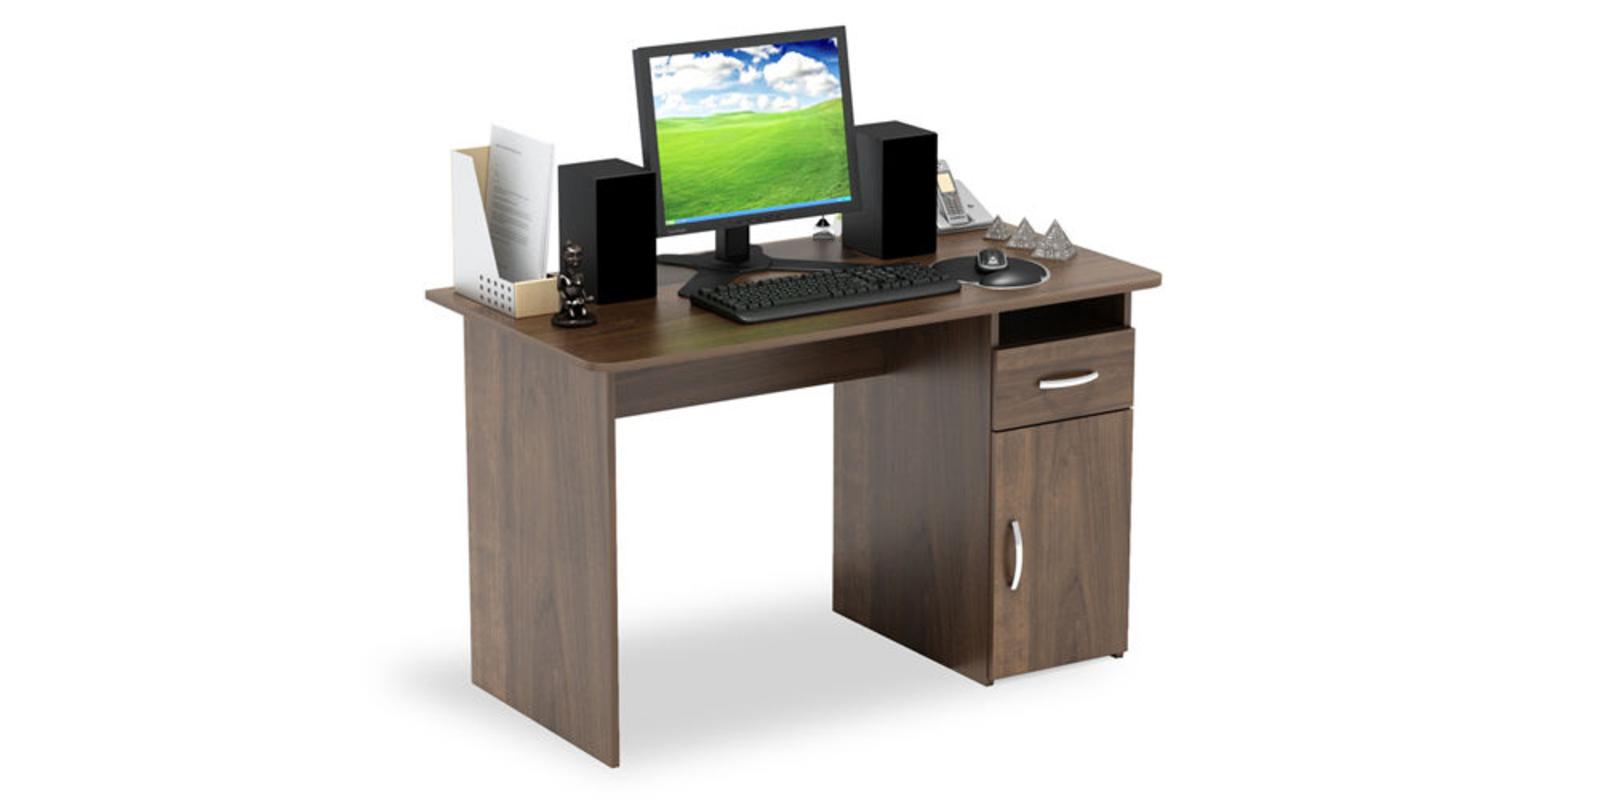 Купить стол письменный с тумбой спм-03 в москве по цене 3 64.